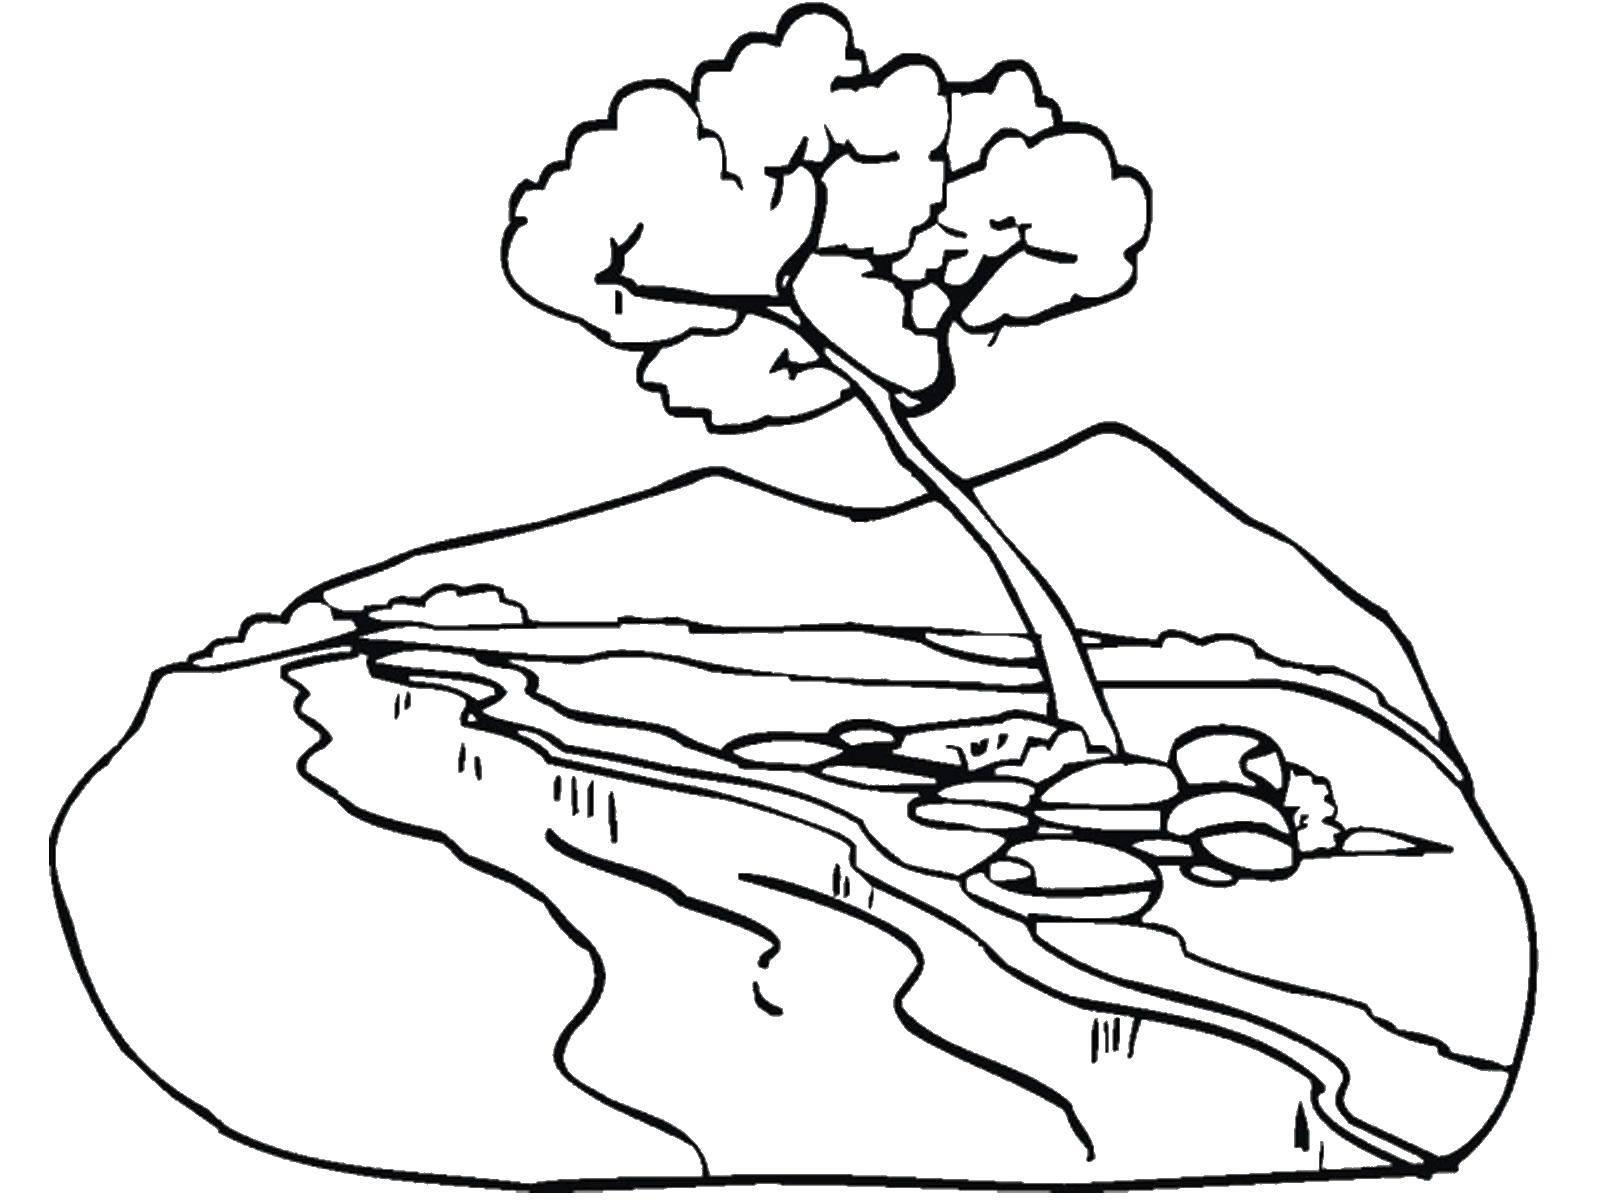 Картинка раскраска ручей для детей